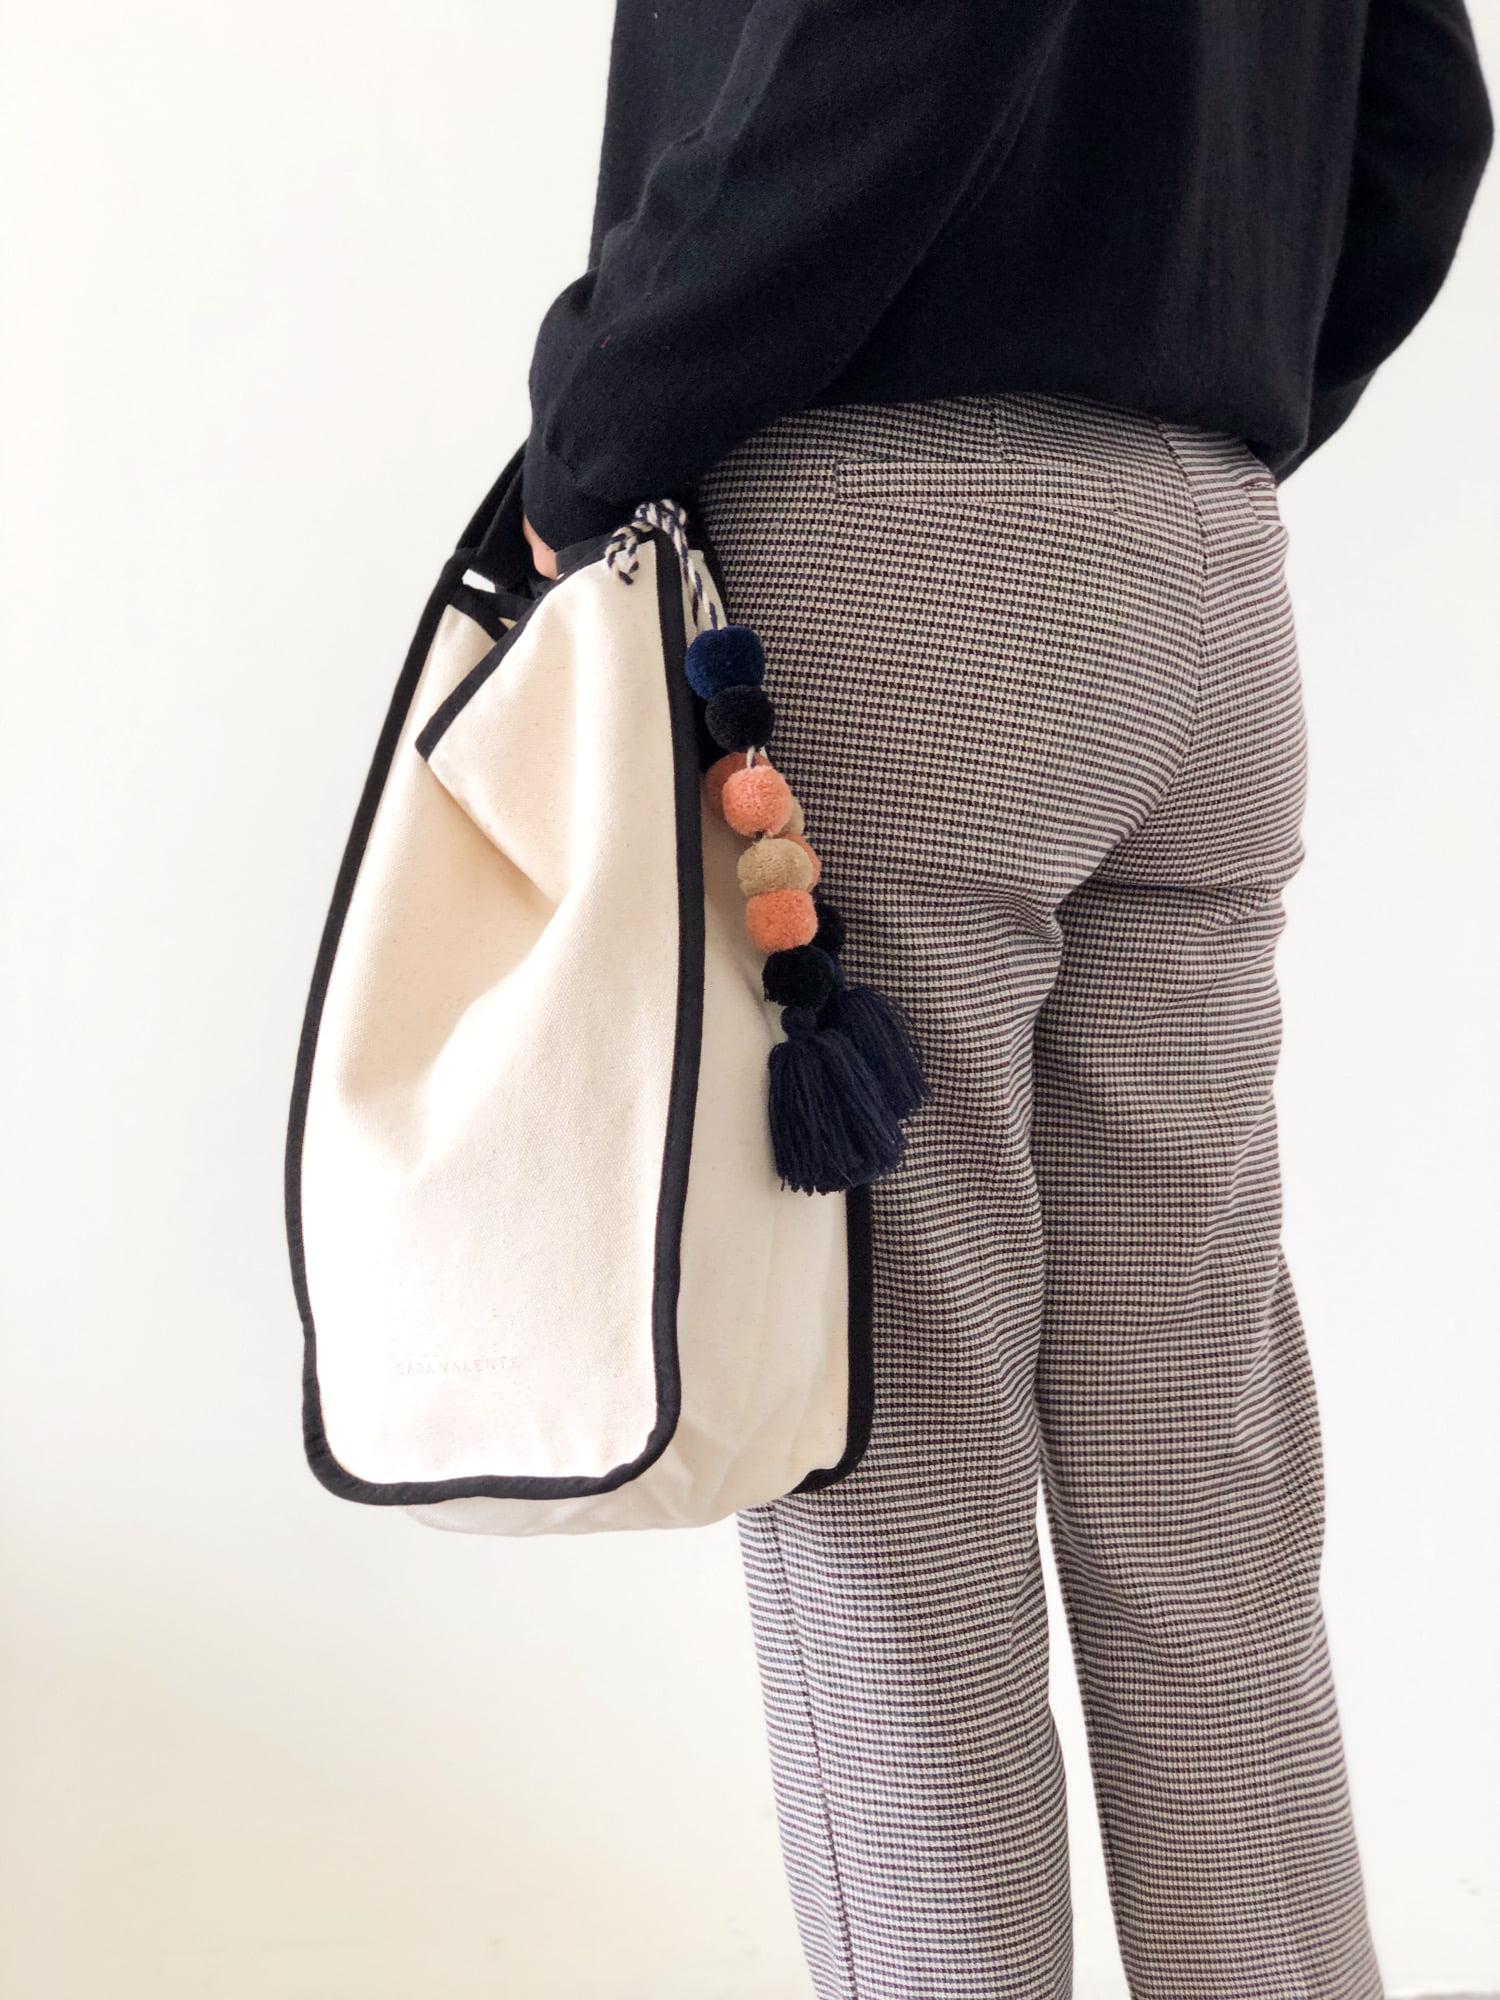 Đơn giản, đẹp, trẻ trung, cá tính và thậm chí là có thể tạo phong cách huyền bí với túi vải canvas basic